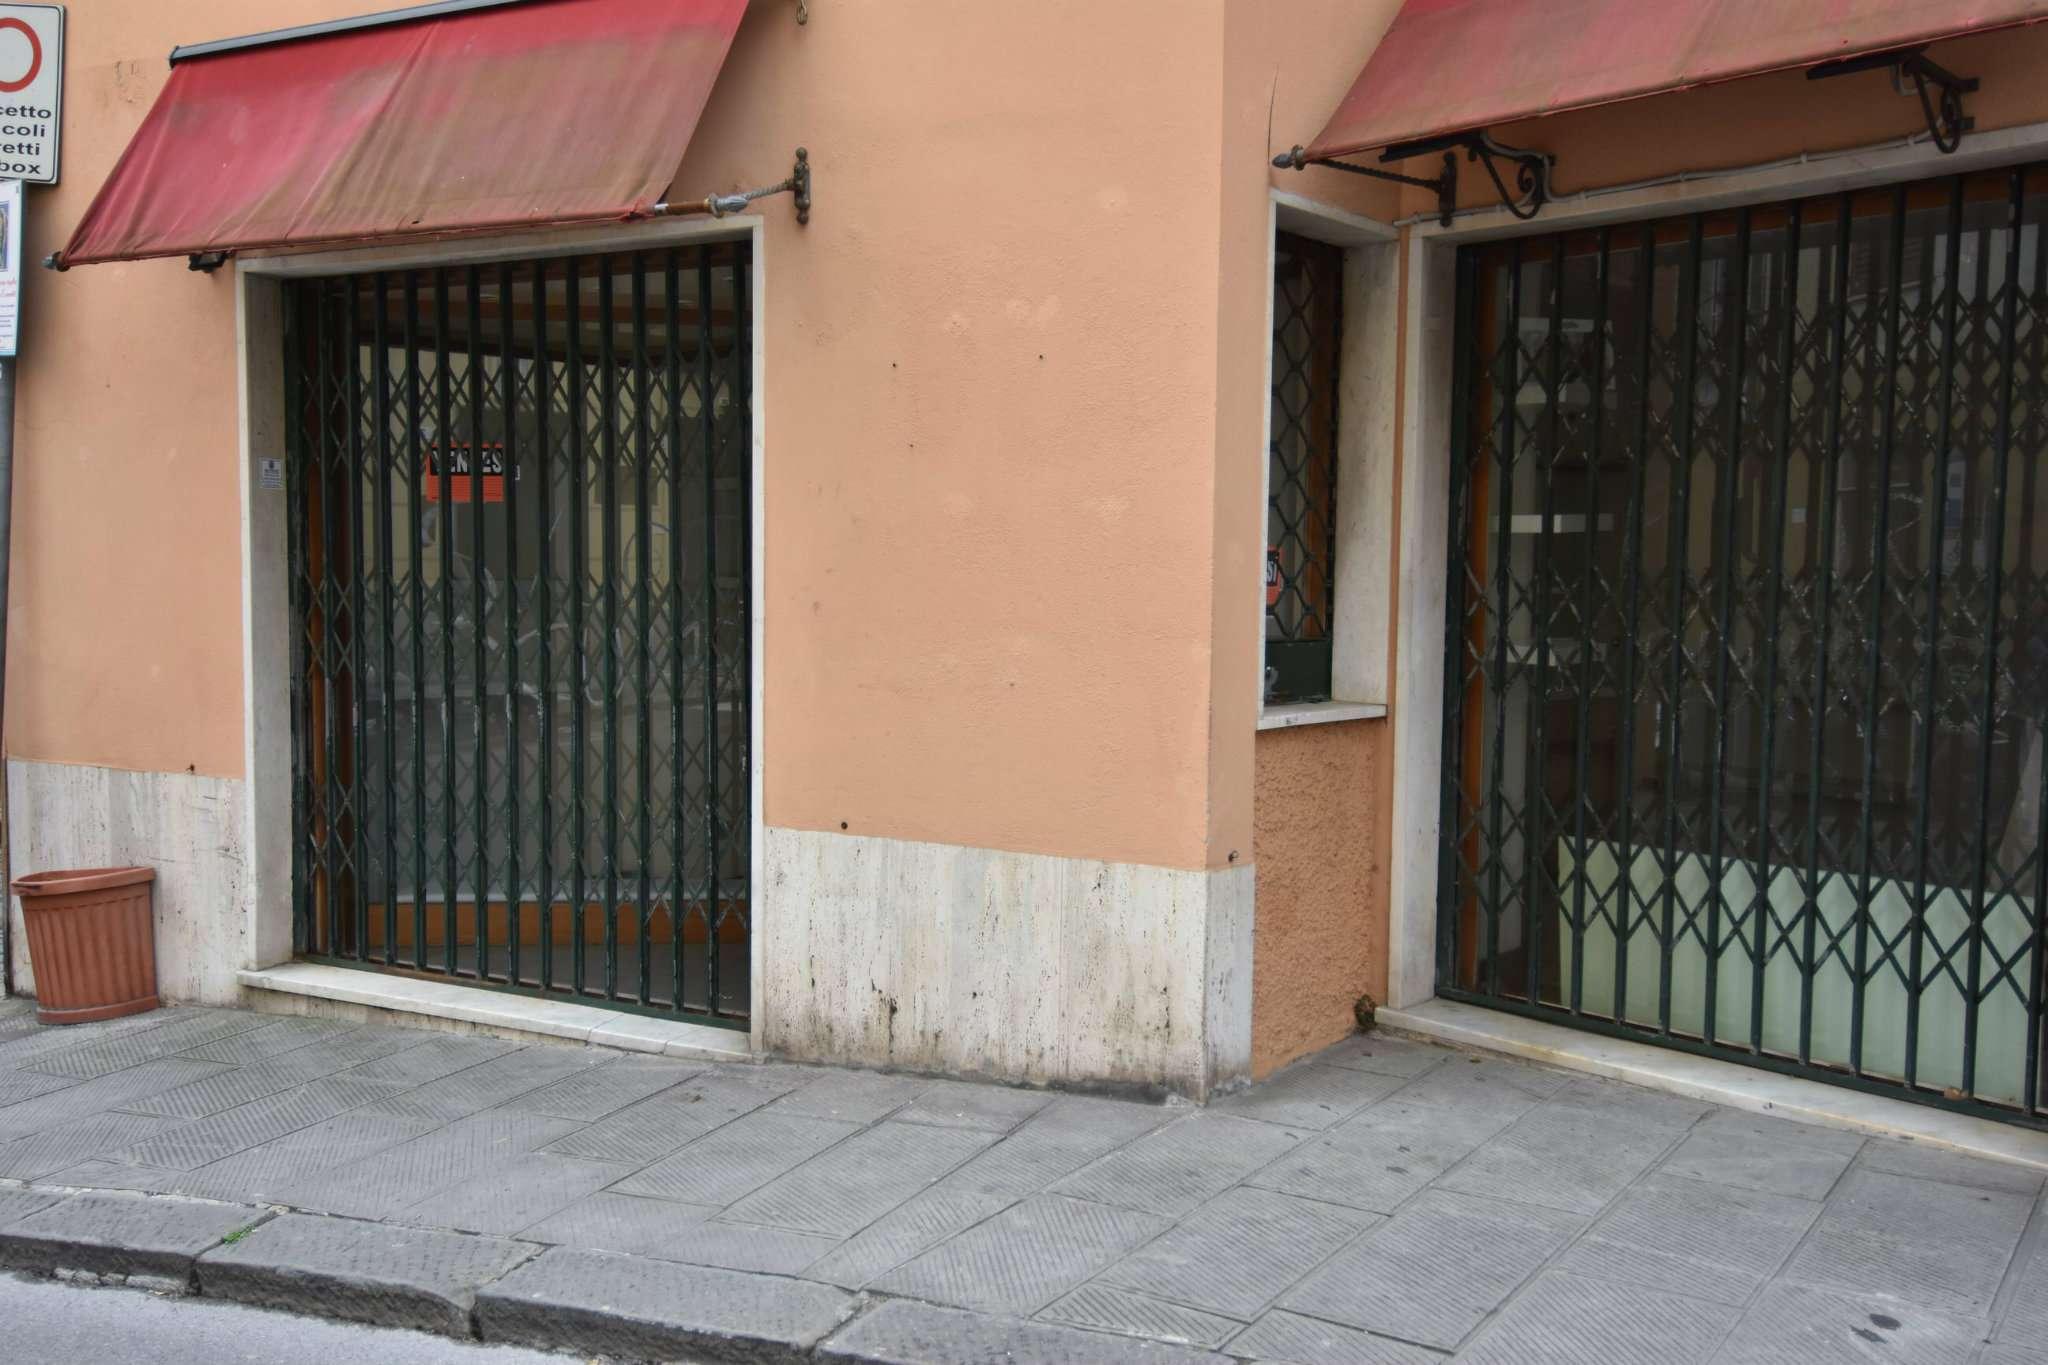 Negozio / Locale in vendita a Bogliasco, 2 locali, prezzo € 164.000   PortaleAgenzieImmobiliari.it